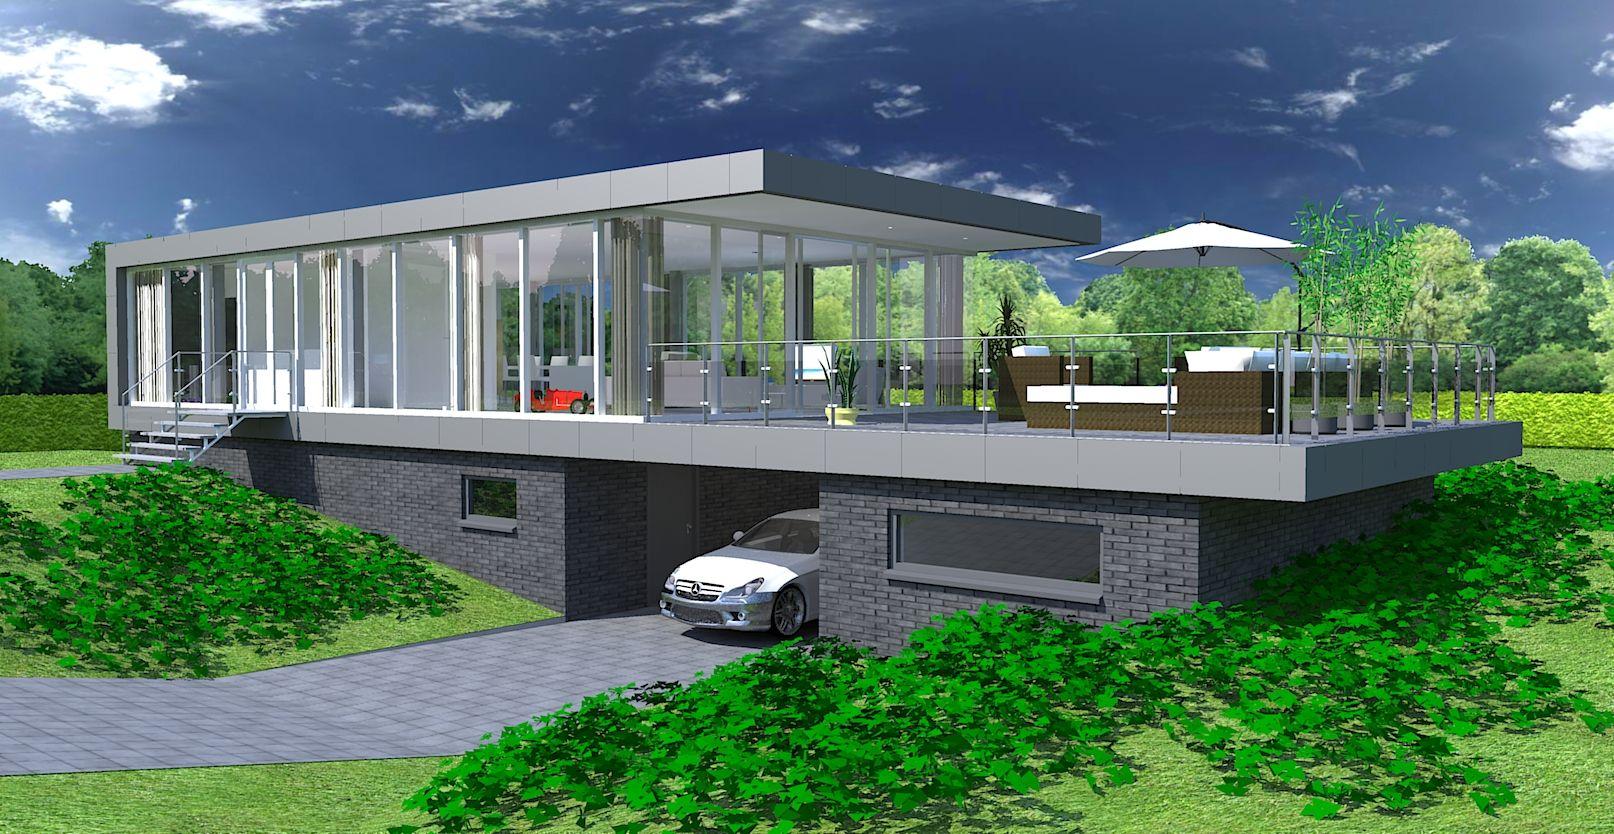 Deze woning is geïnspireerd op een drive-in woning. Het woonprogramma met dakterras bevinden zich op de bovenverdieping, hierdoor ontstaat een mooi overzicht over het omliggende gebied. De verdiepte benedenverdieping biedt ruimte aan de slaapkamers die met in zomerse dagen heerlijk koel blijven. Door het gebruik van metaal voor de randafwerking en de donkere baksteen van de benedenverdieping lijkt de woning te zweven boven het landschap. #woning #modern #architectuur #villa #glas…